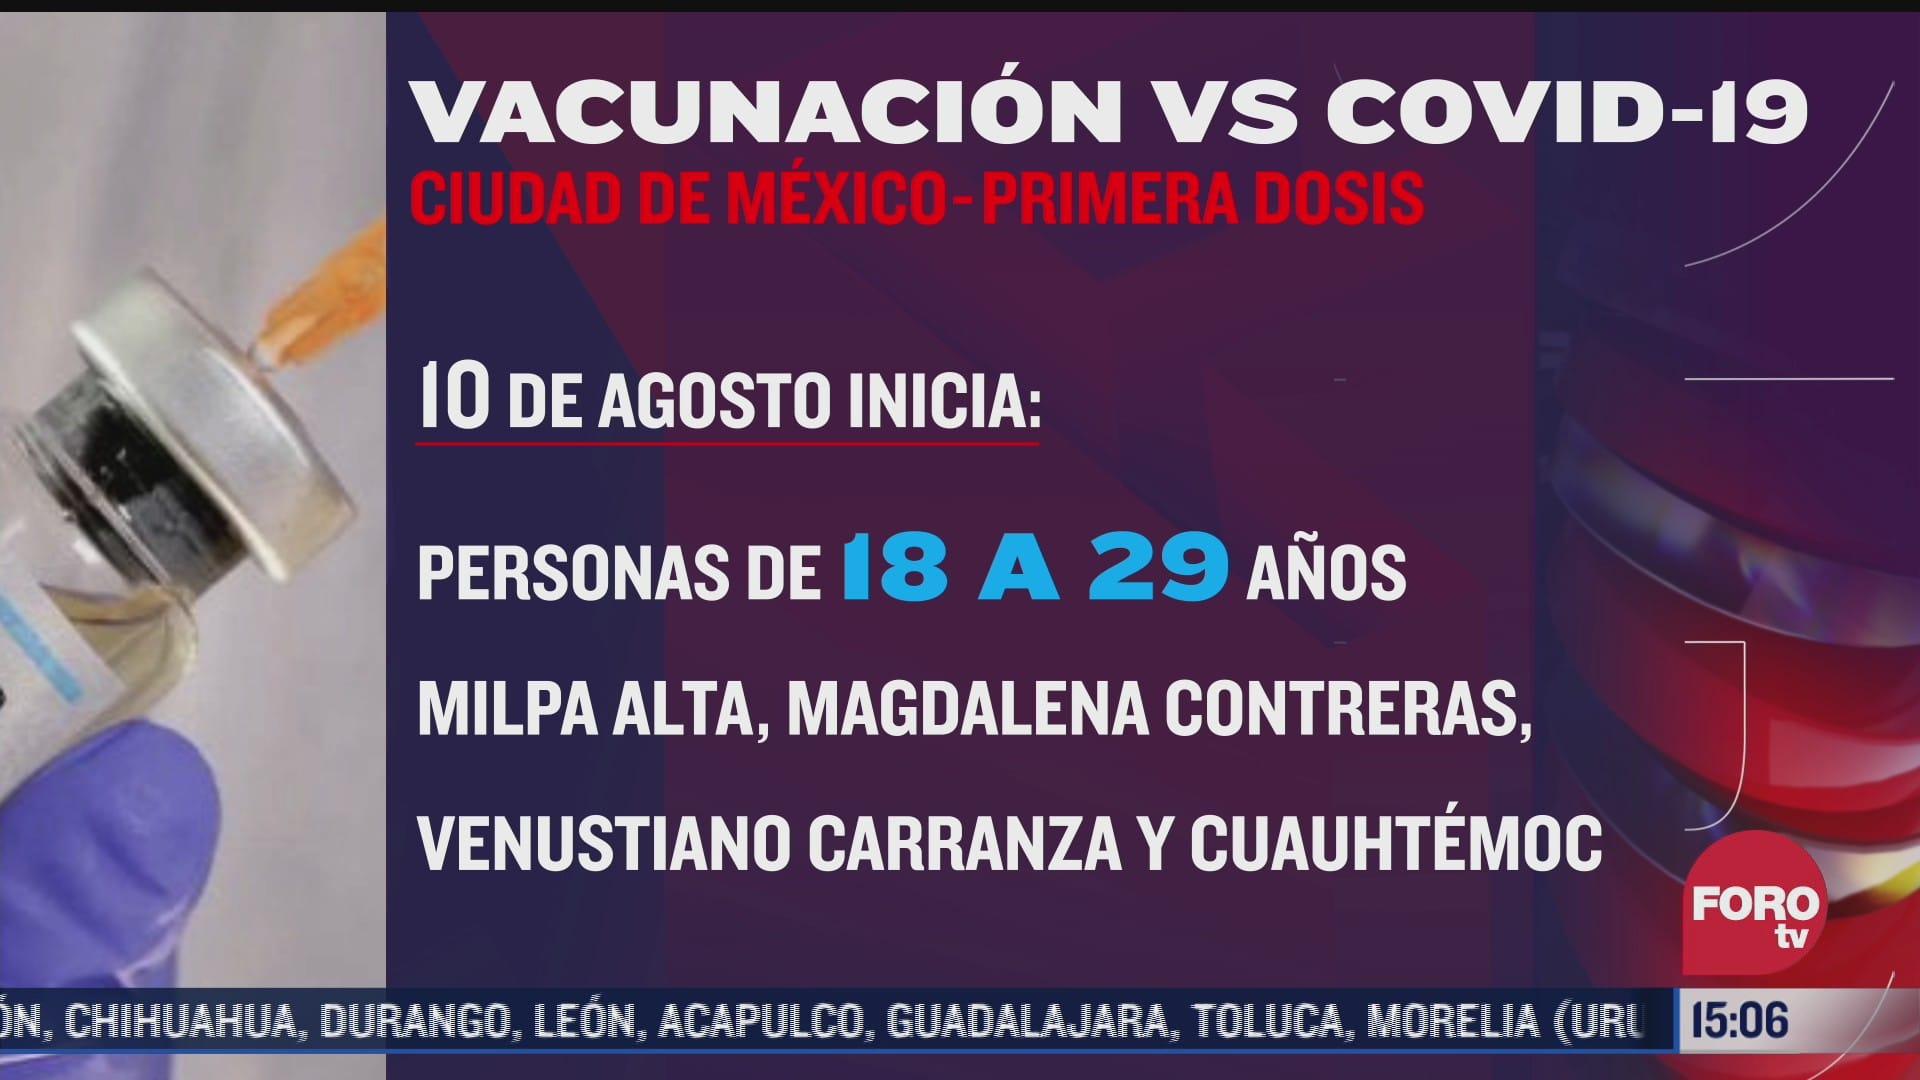 cdmx seguira en semaforo naranja por covid 19 y aplicara mas vacunas